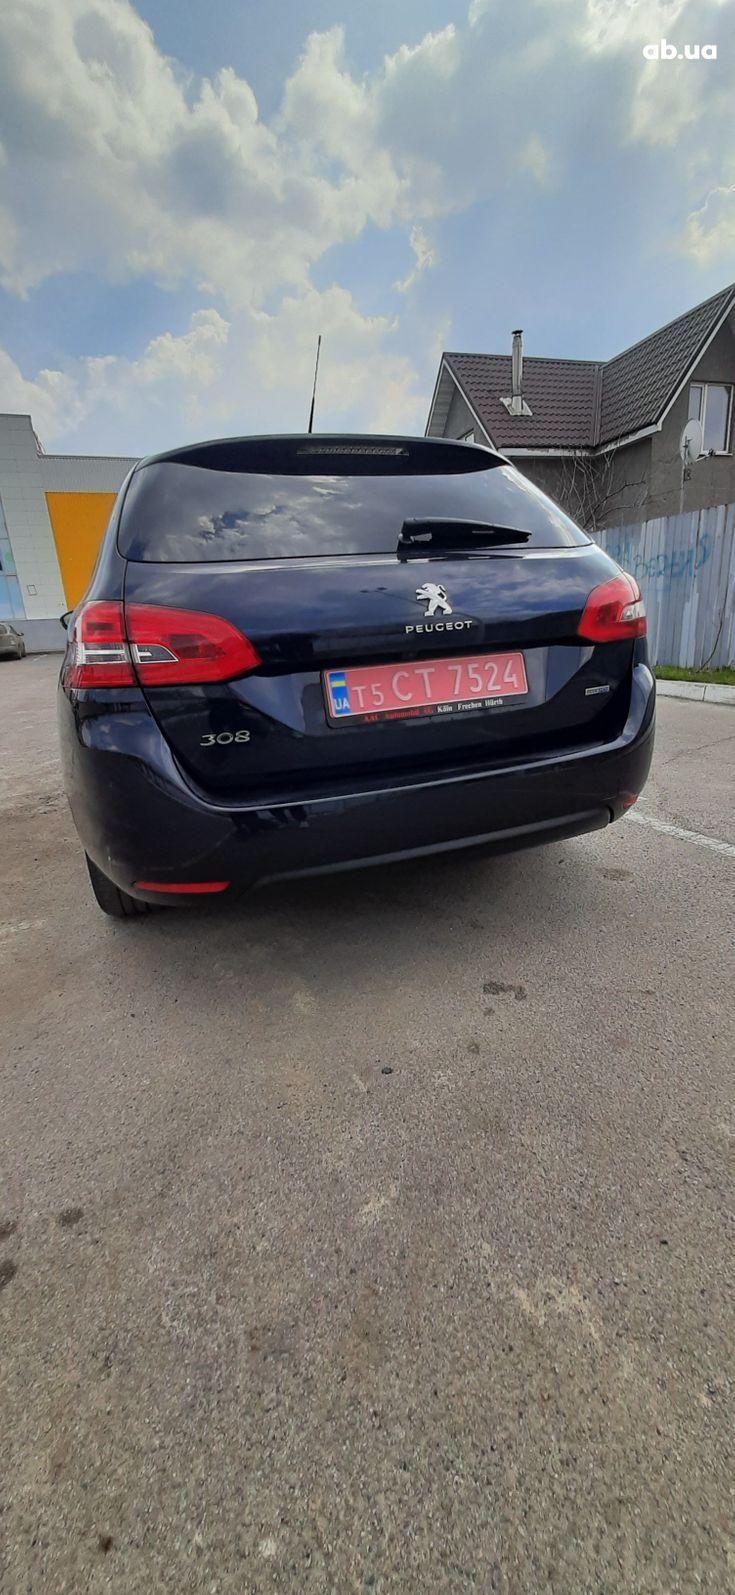 Peugeot 308 2015 синий - фото 6